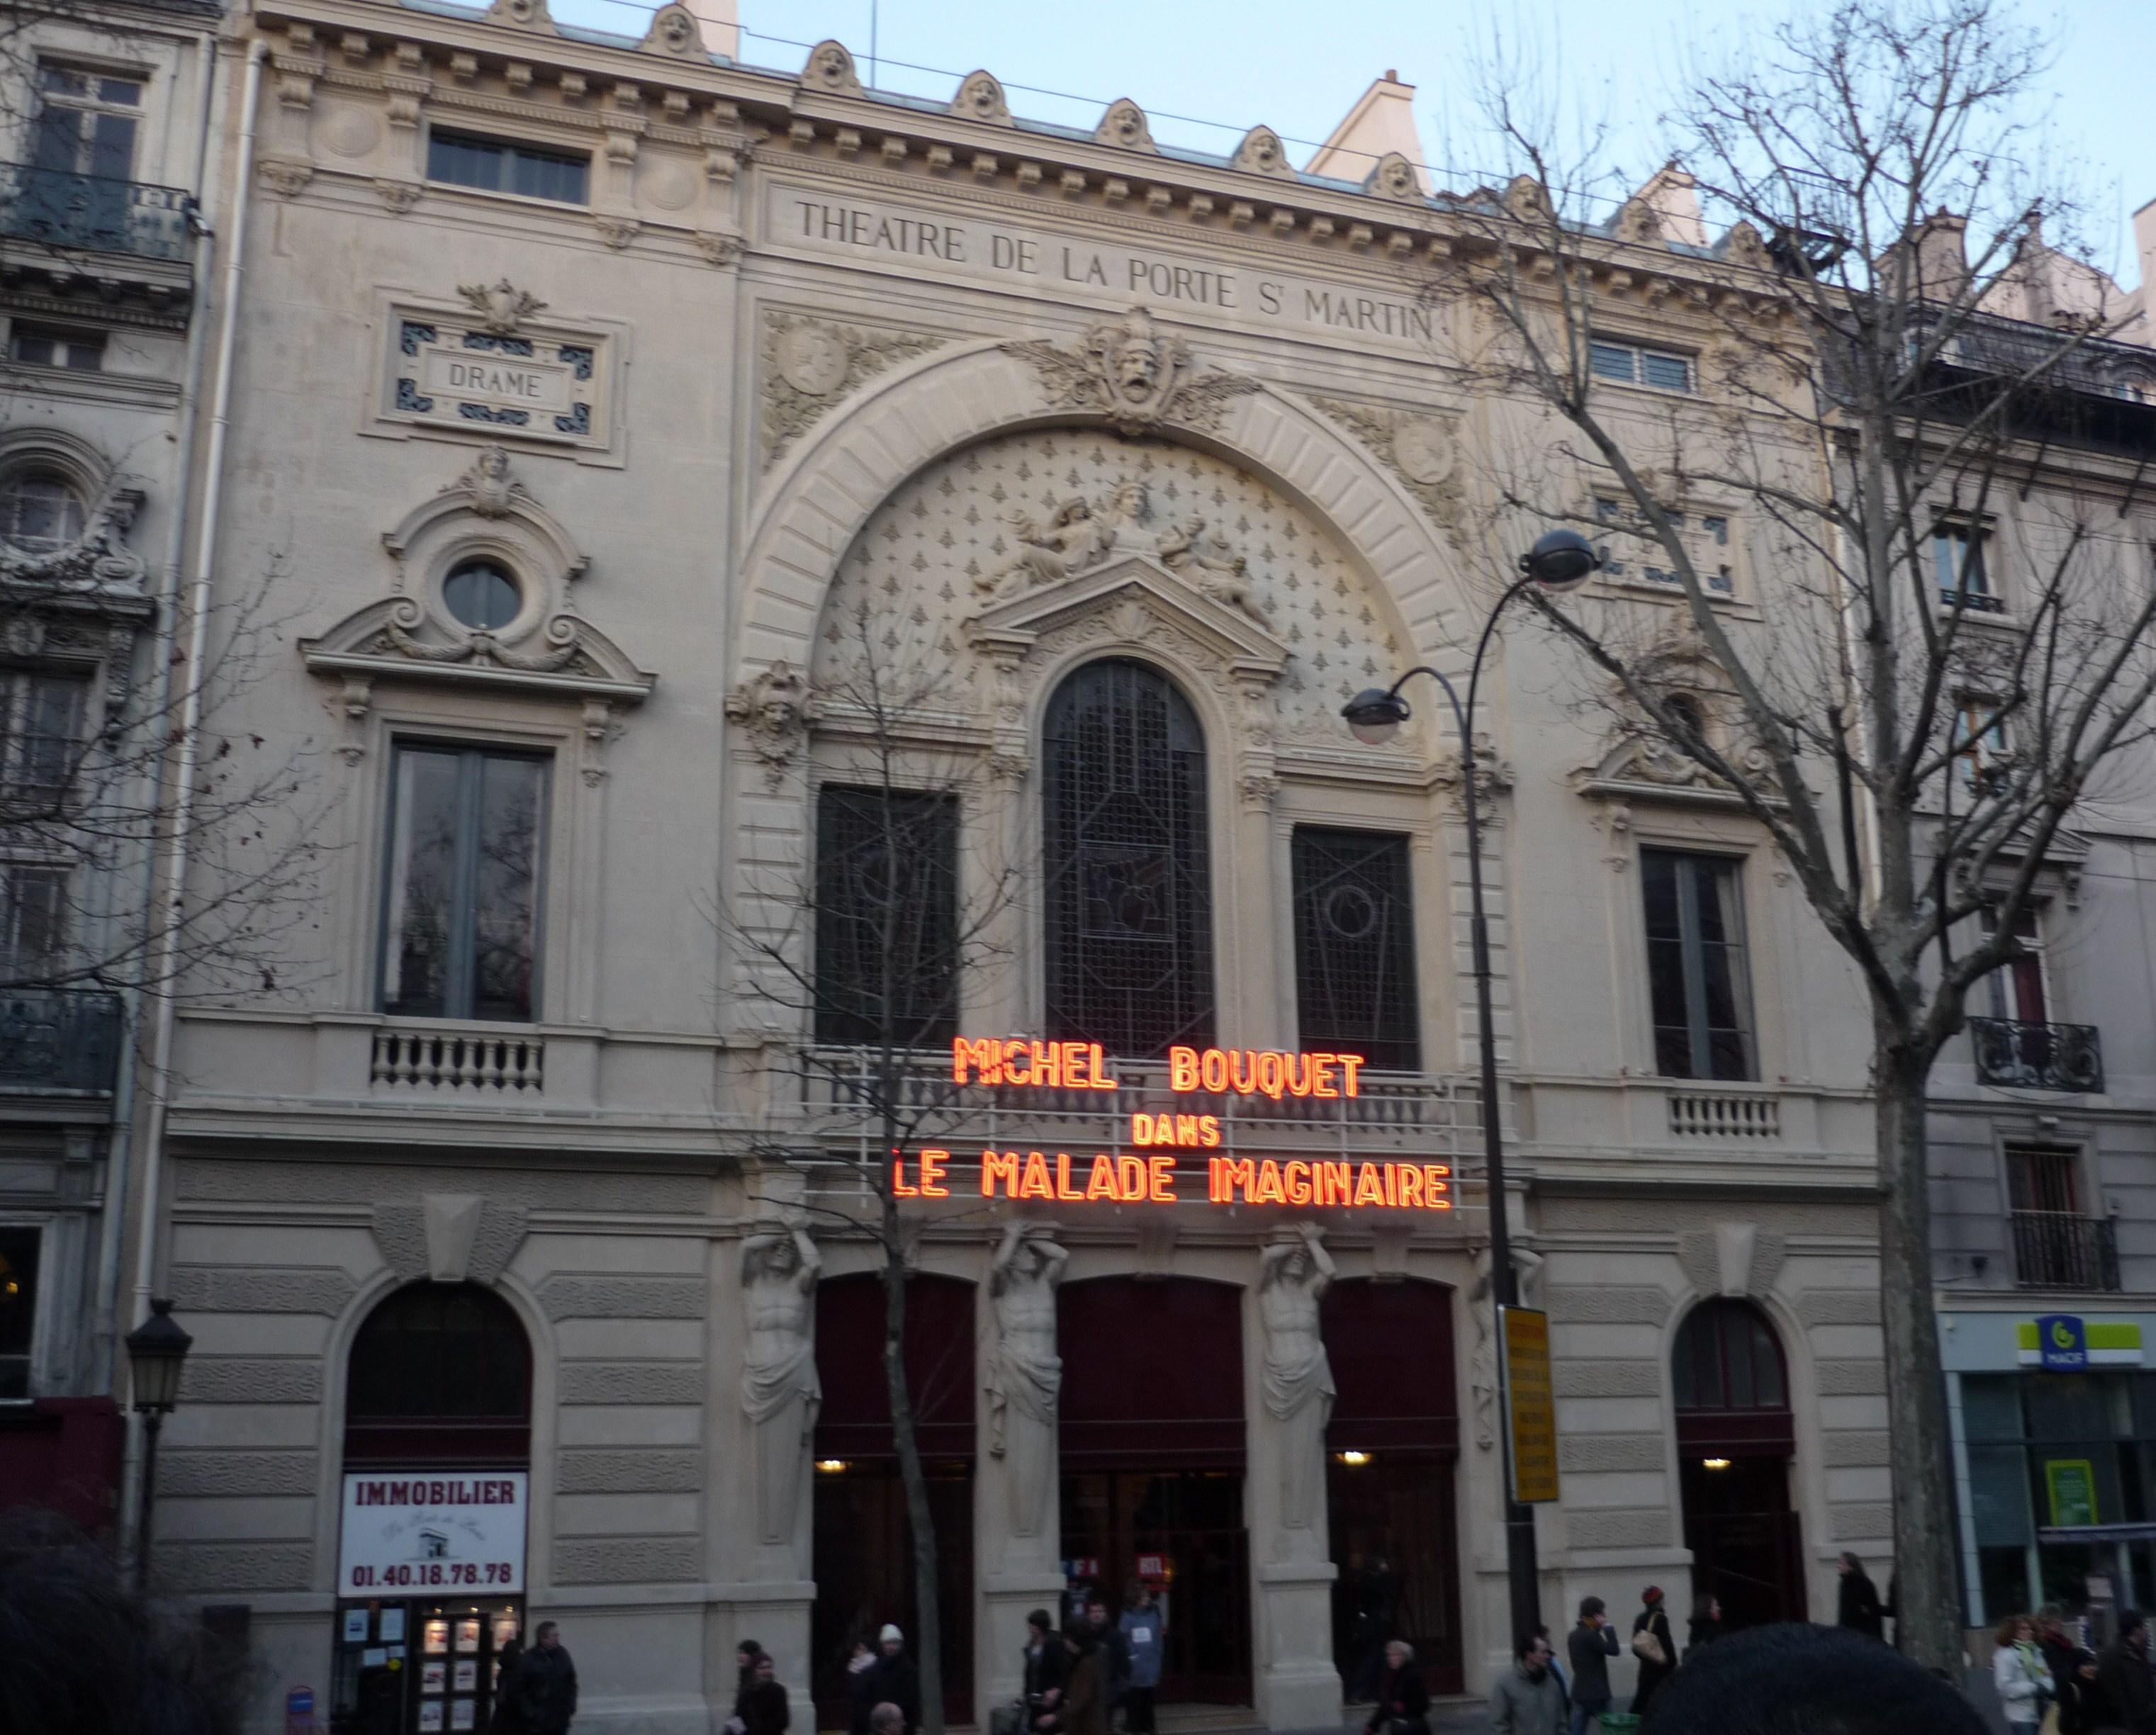 Theatre de la porte saint martin - Plan salle theatre porte saint martin ...